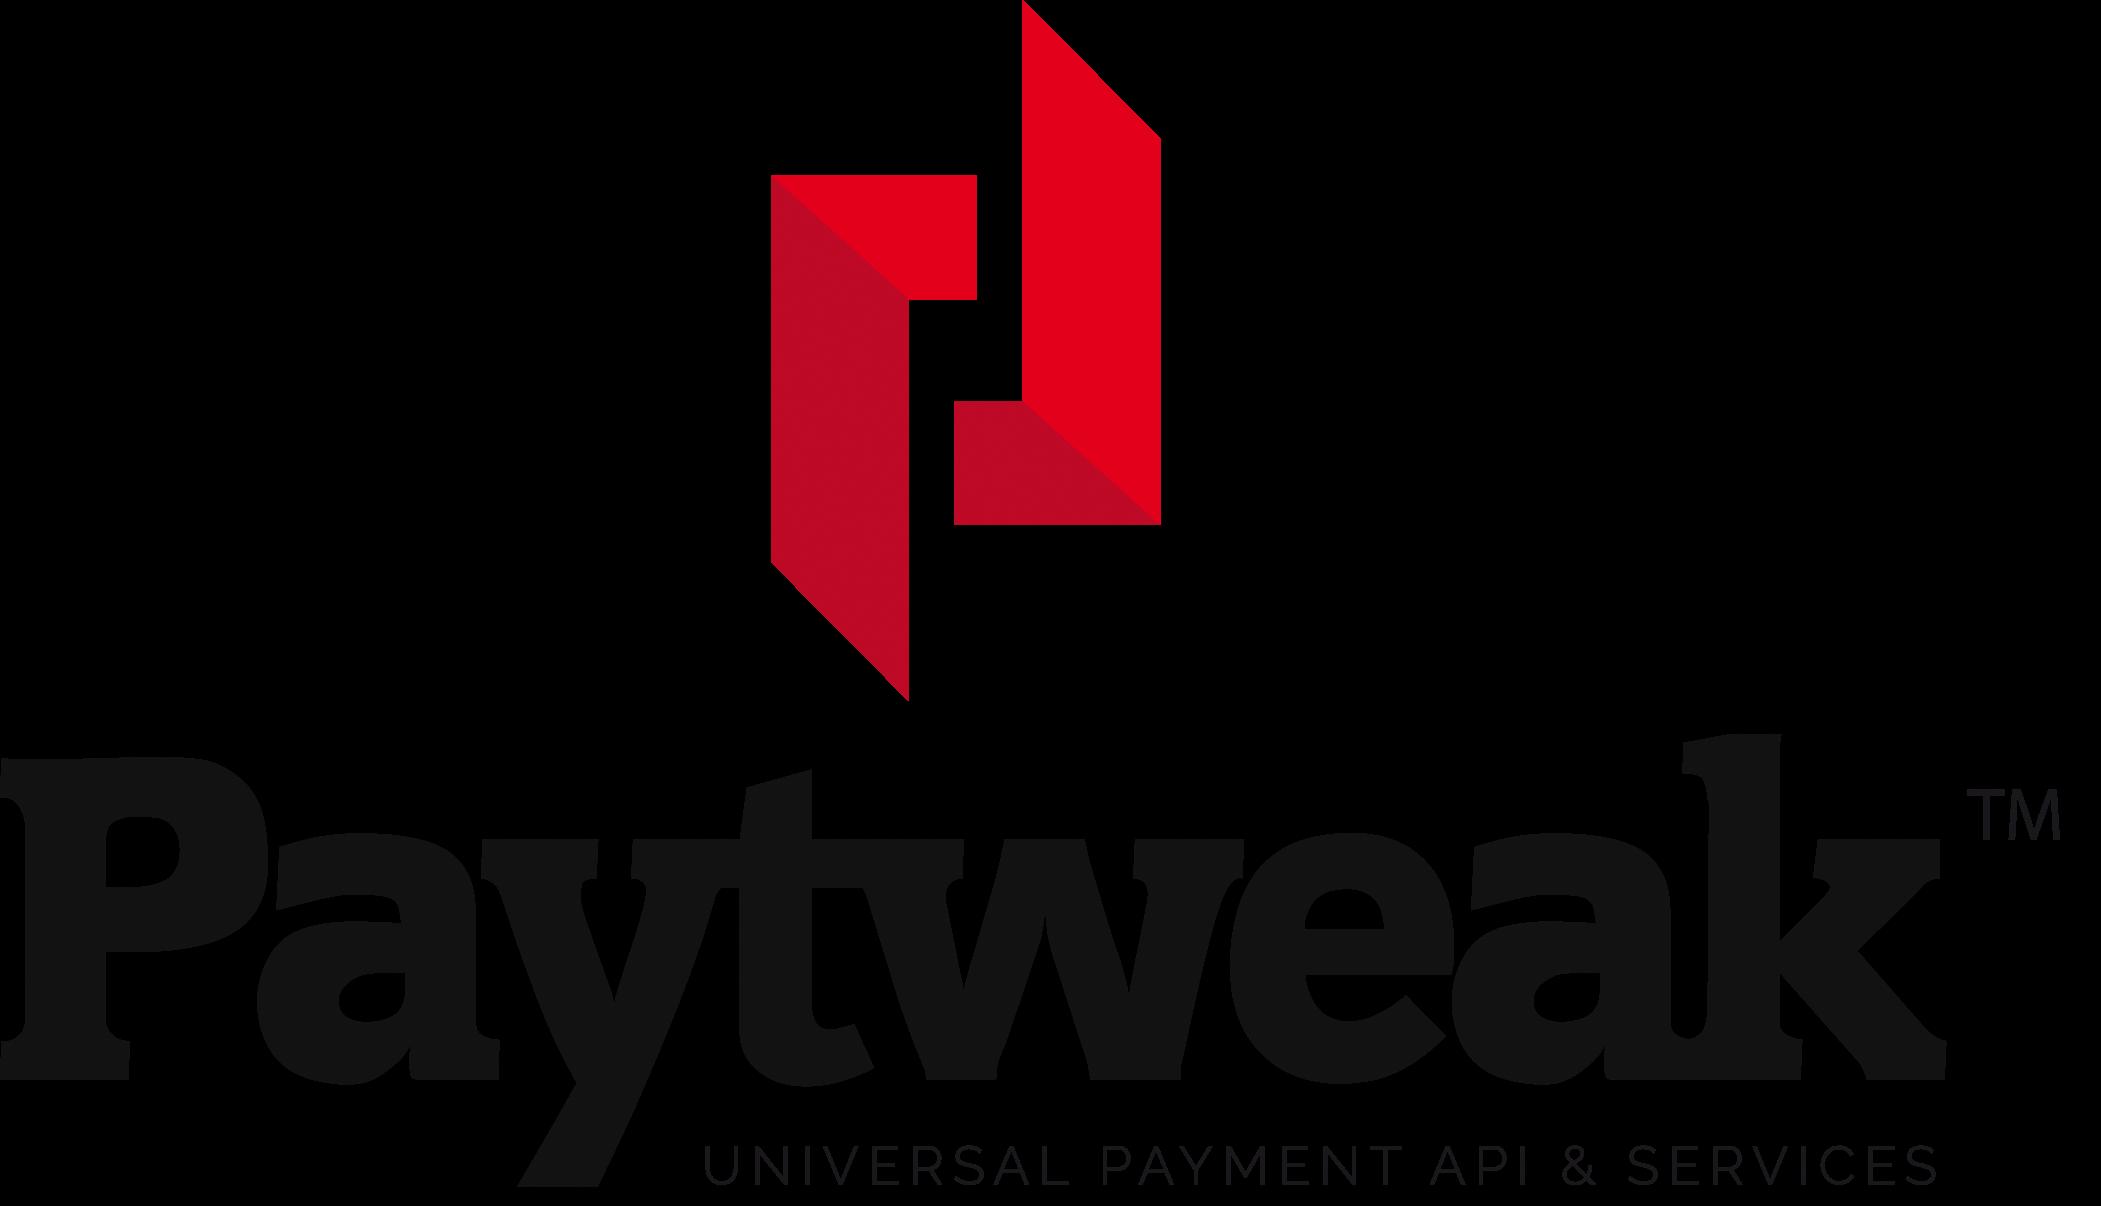 Start-Up: Paytweak